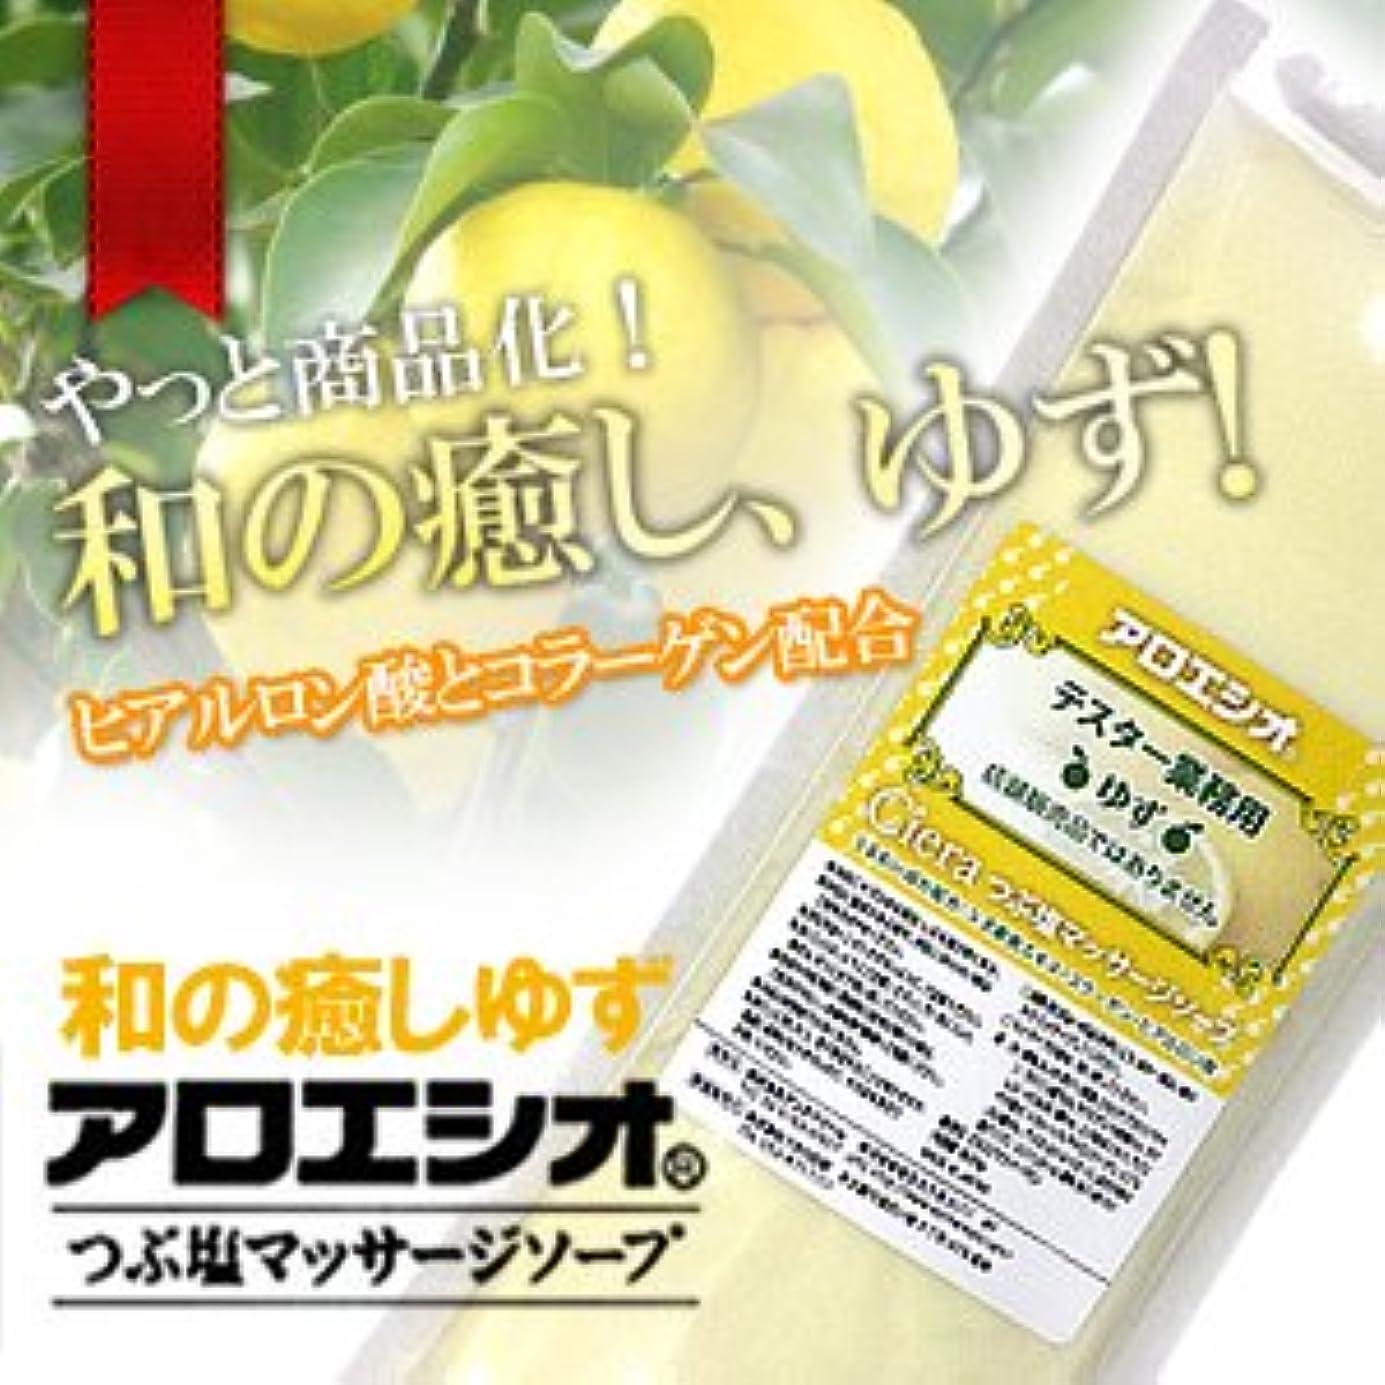 不信悪性の認可ゆず アロエ塩 800g つぶ塩マッサージソープ/フタバ化学 アロエシオ